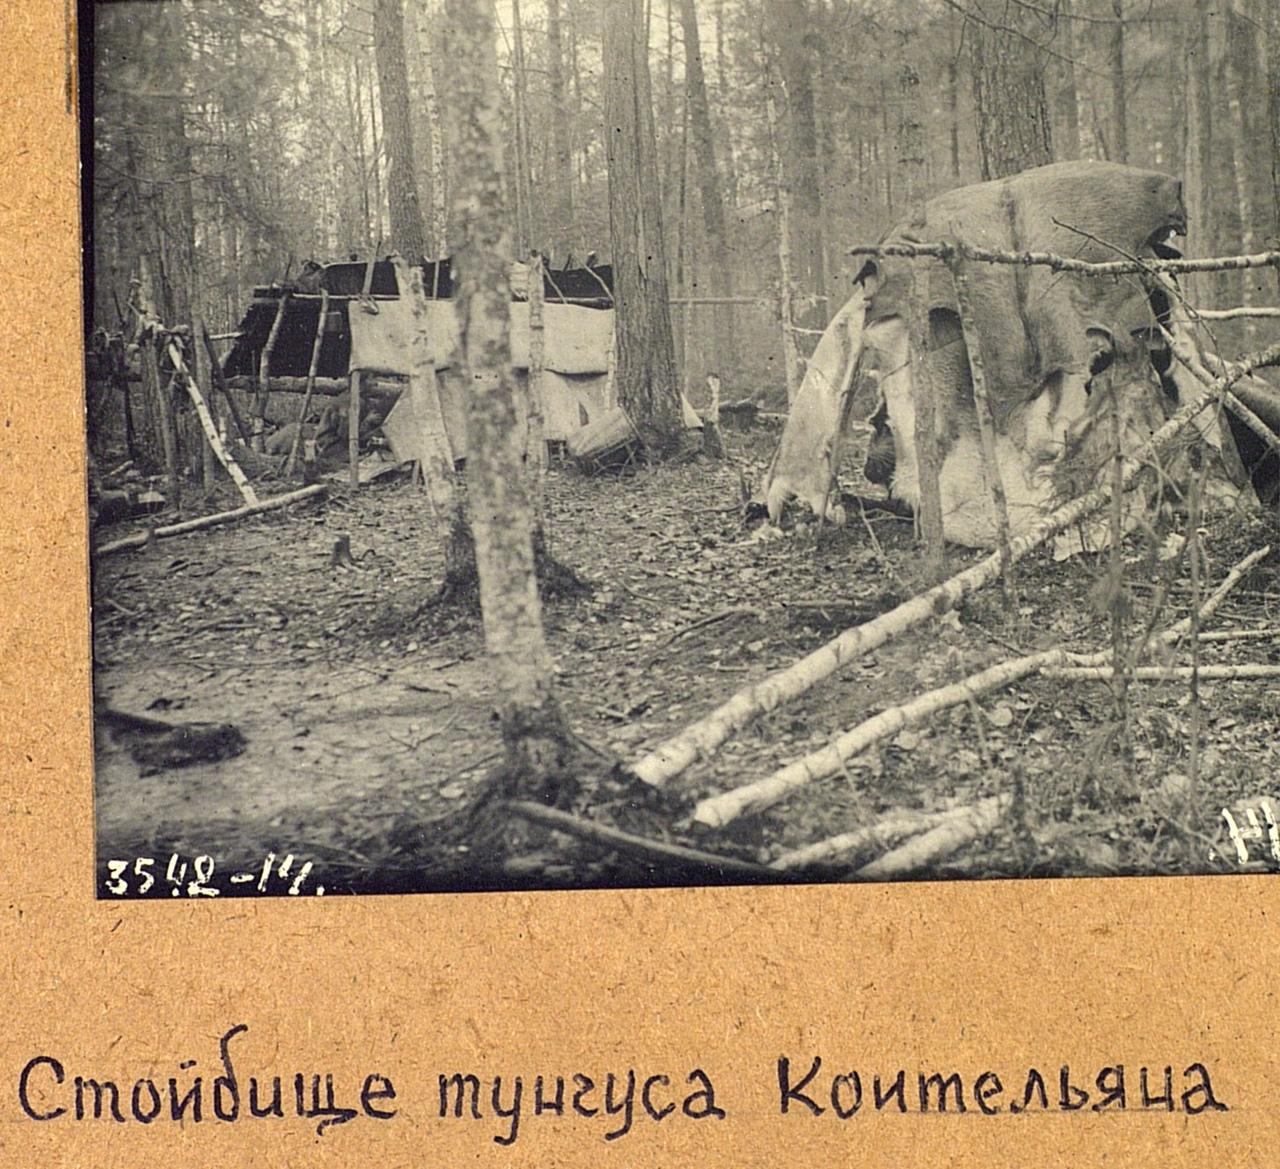 Стойбище охотника Коительяна. Эвенки (тунгусы). Омская область, Тарский район. 1926. № 3542-14.